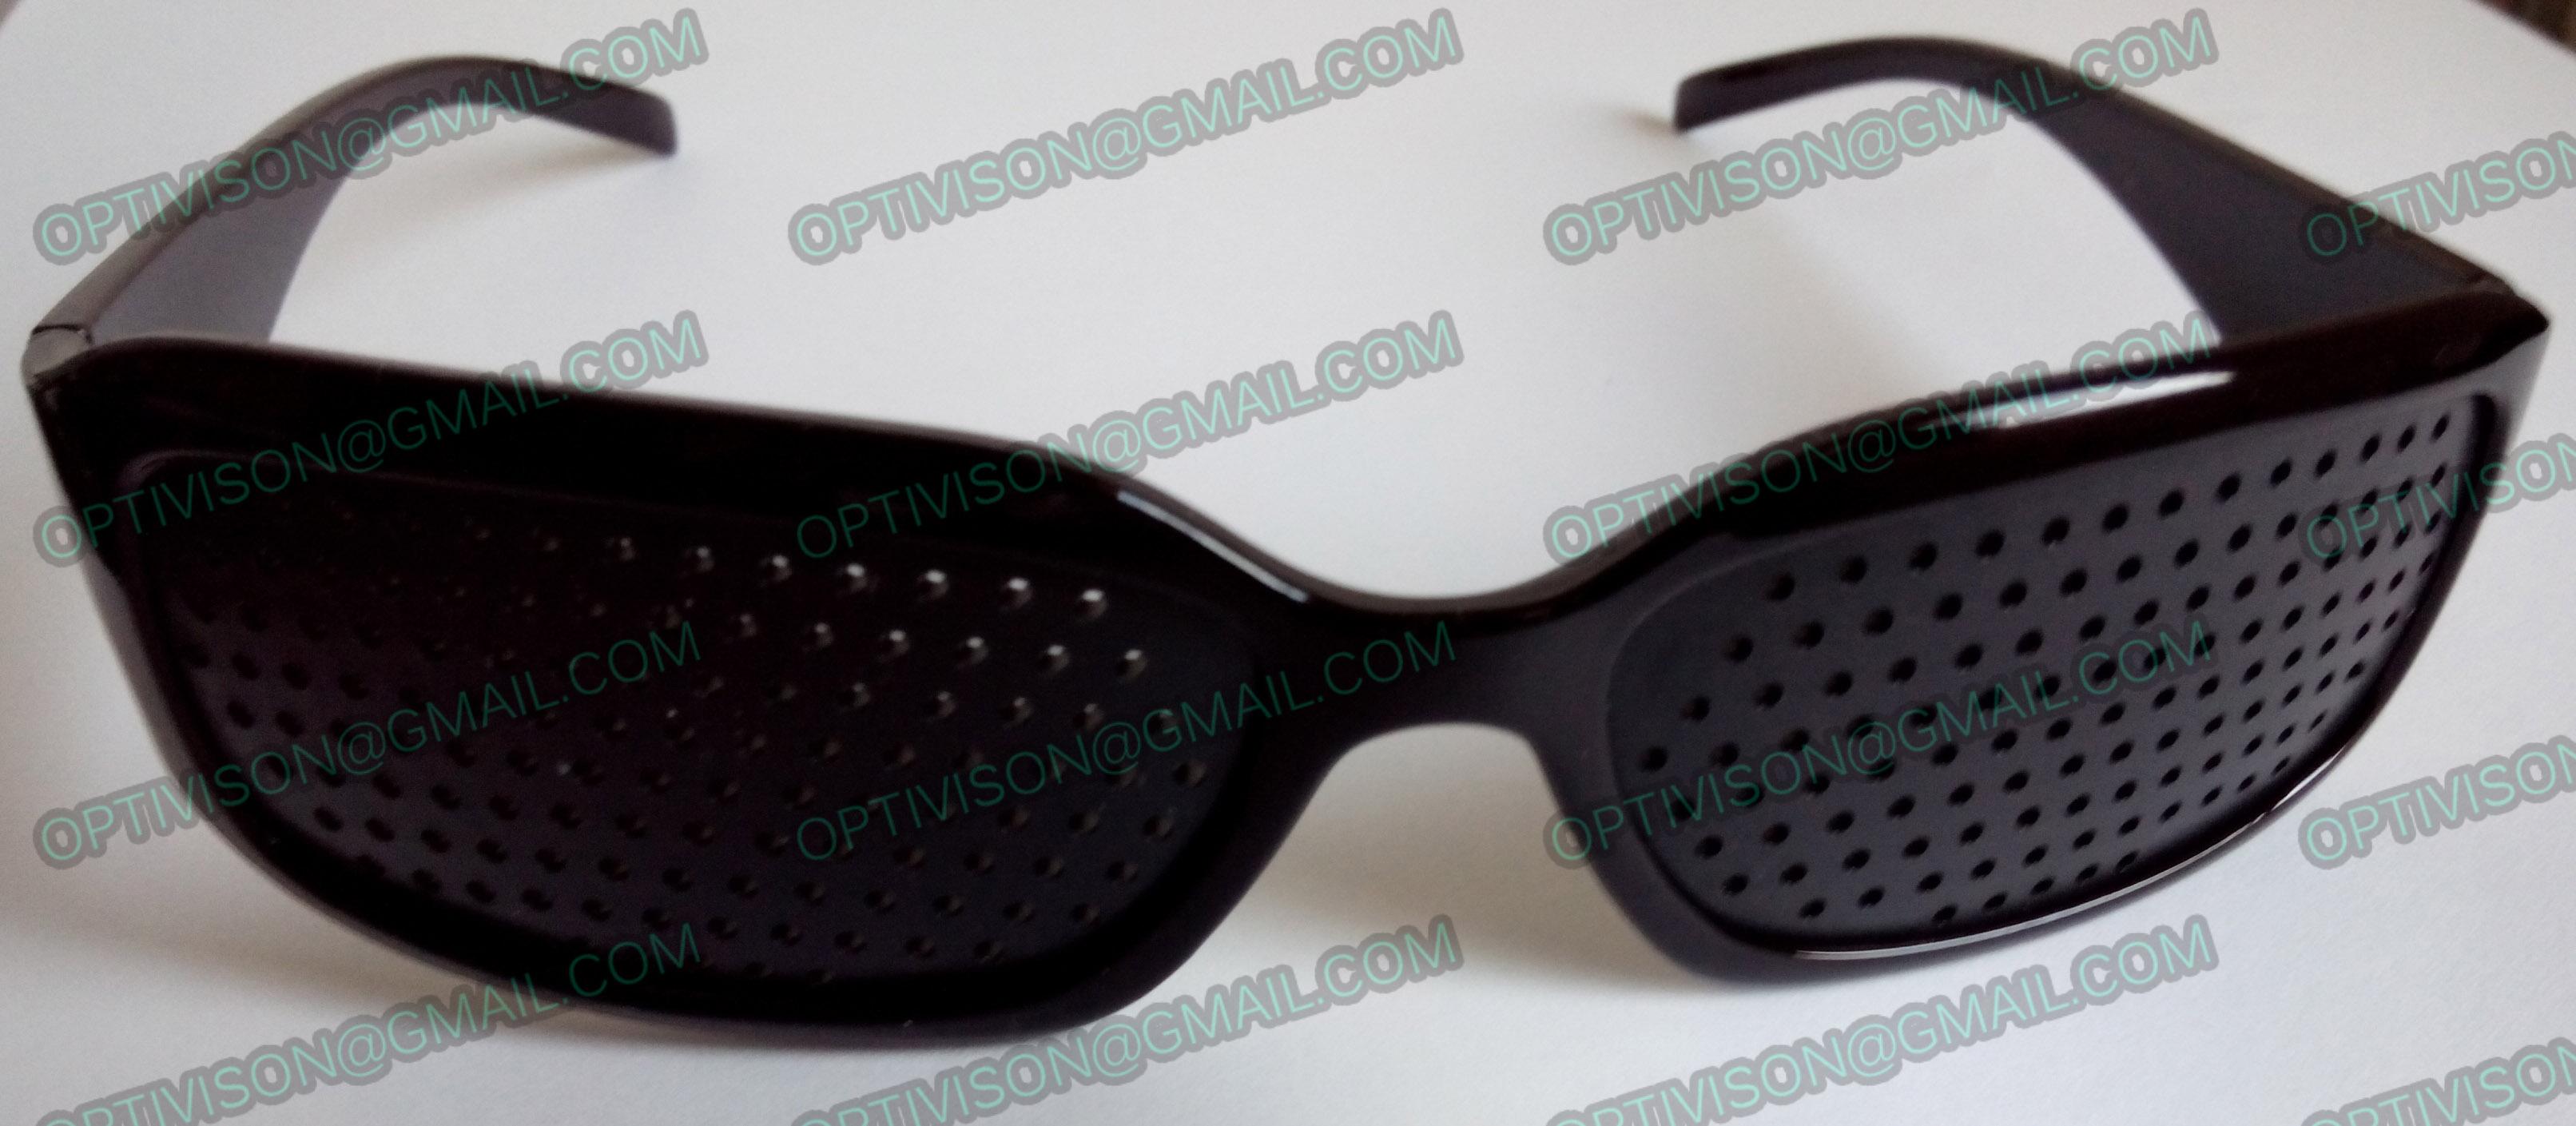 OPTIVISON szemüvegek. Most ajándék tokkal! 728498d3f4